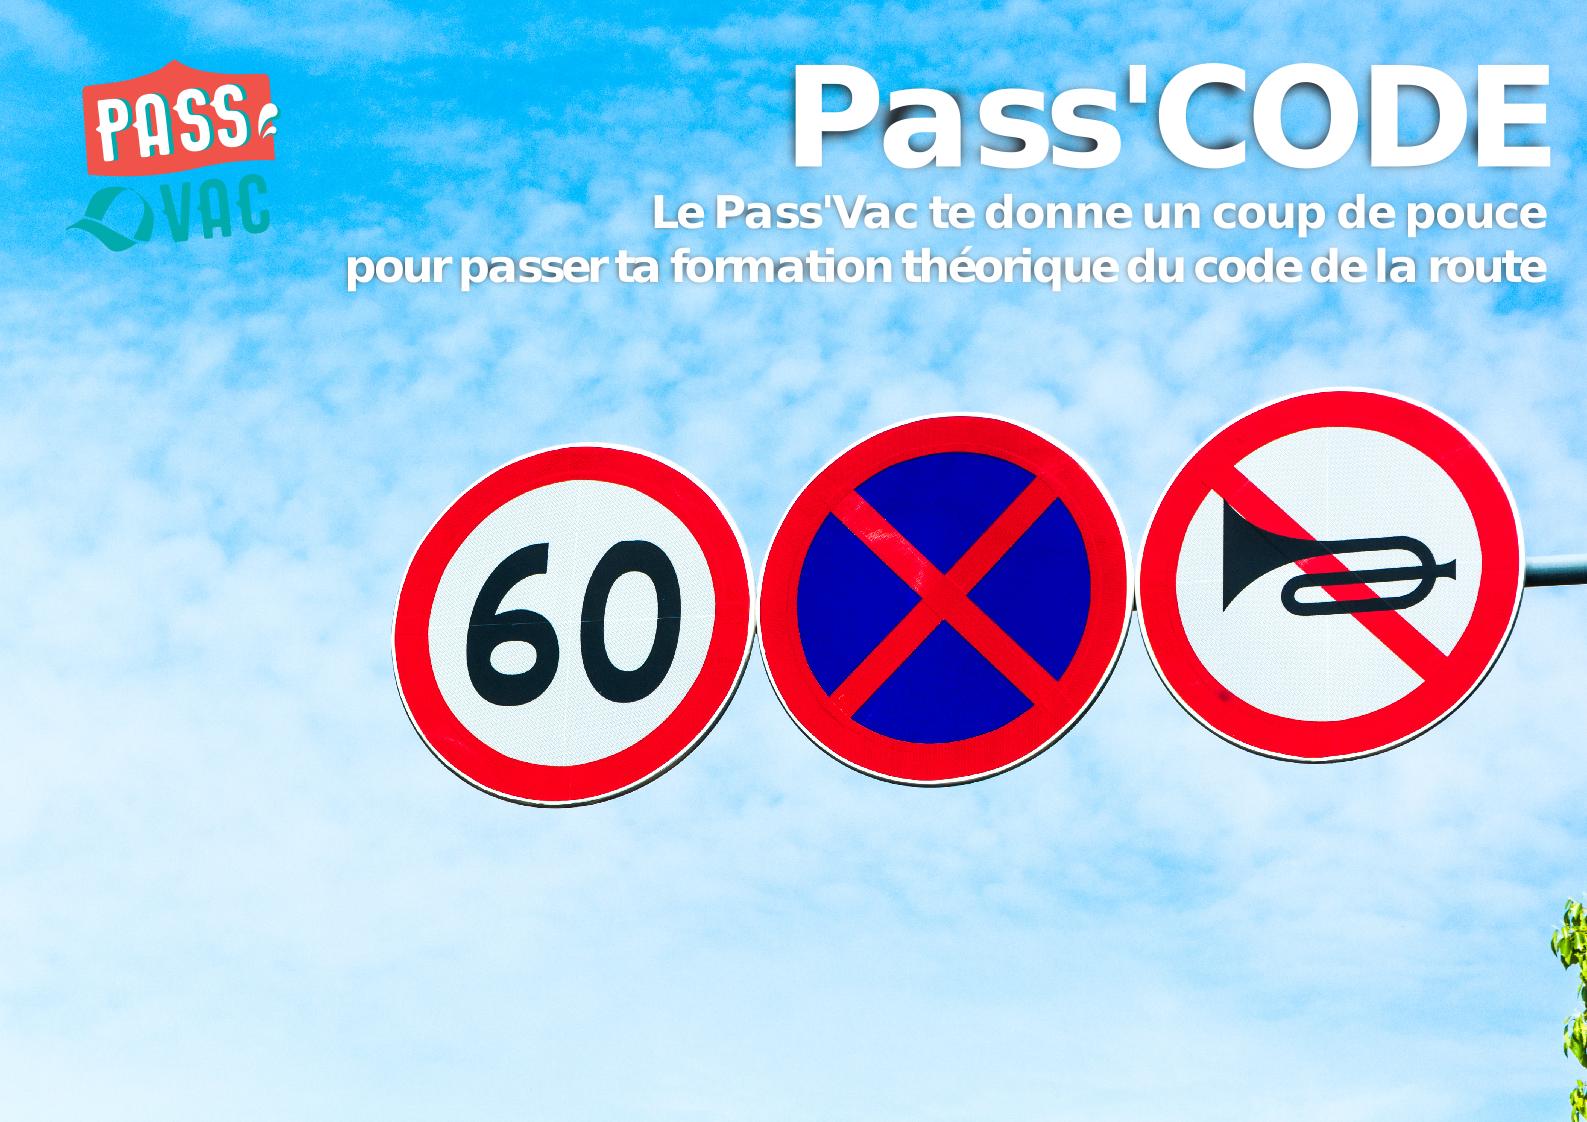 PassCODE2019